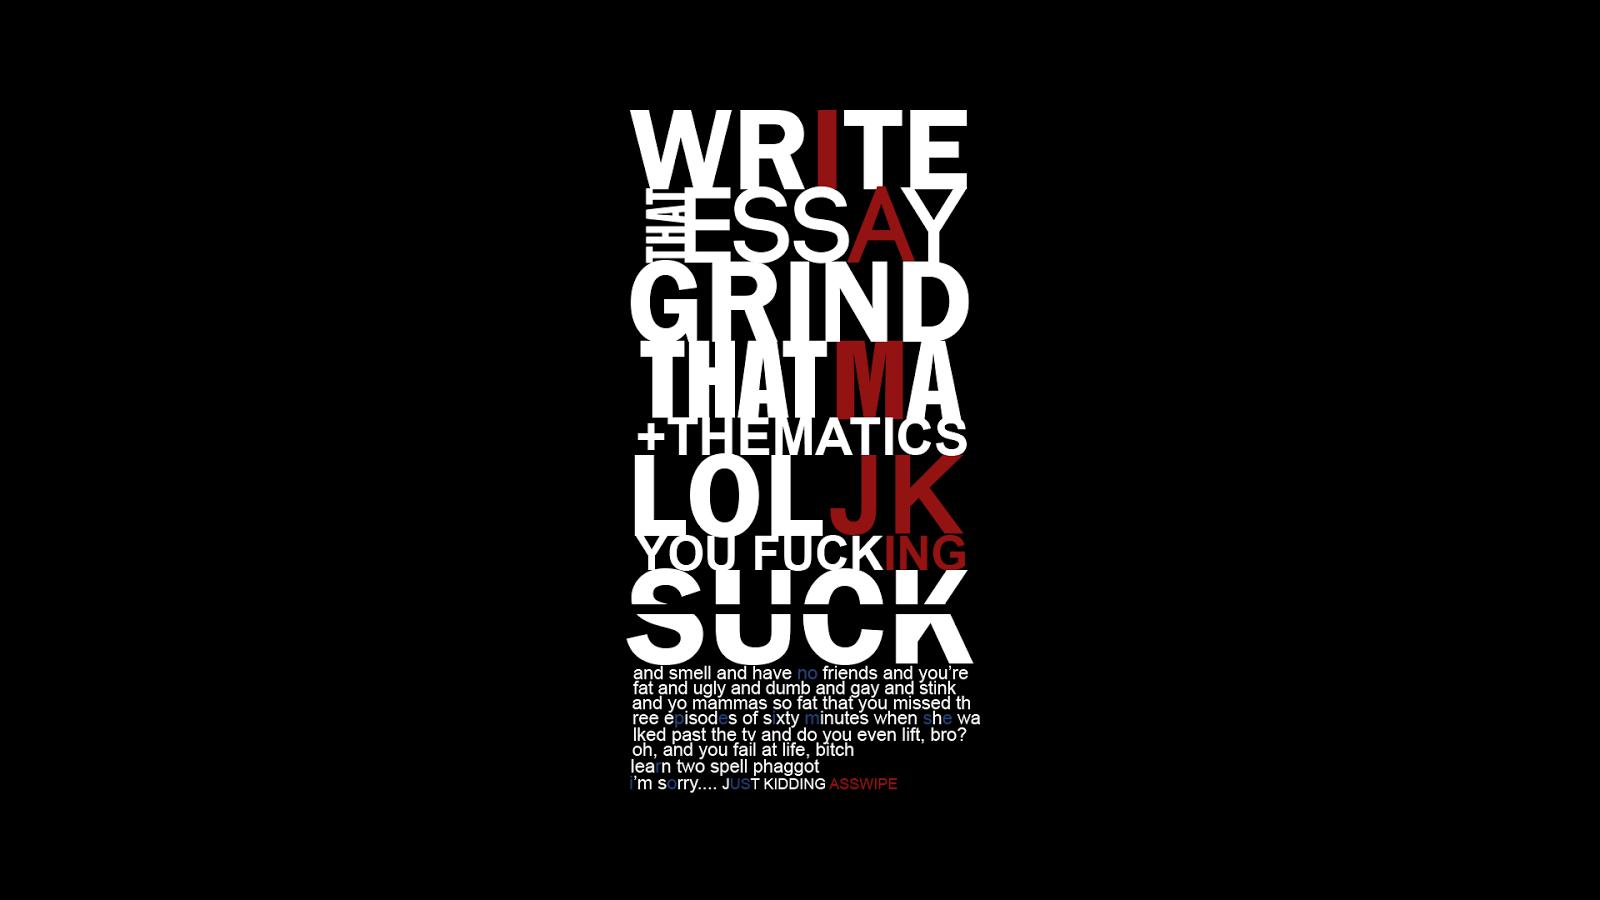 Hd wallpaper motivational - Motivational Hd Wallpaper Download Motivational Hd Wallpaper For Your